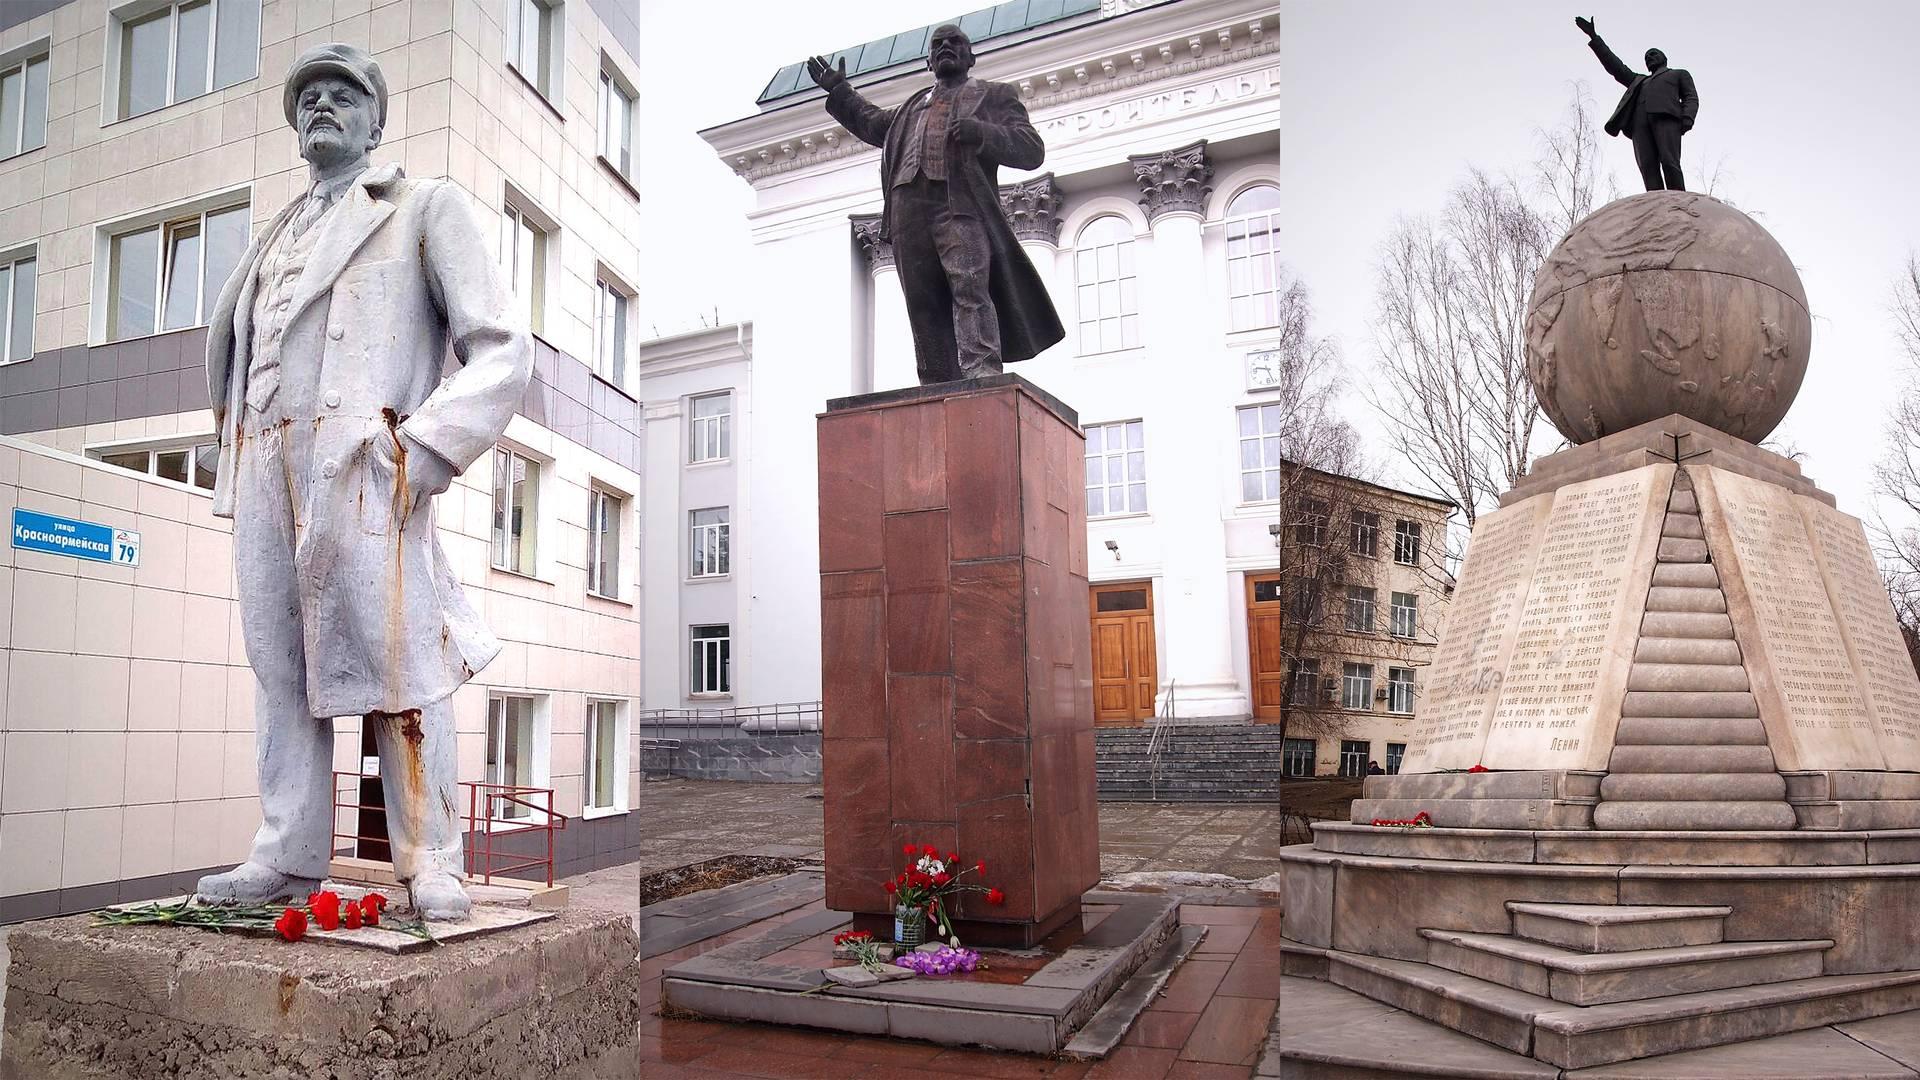 Возложение цветов к памятникам Ленина в Нижнем Тагиле 22 апреля 2018